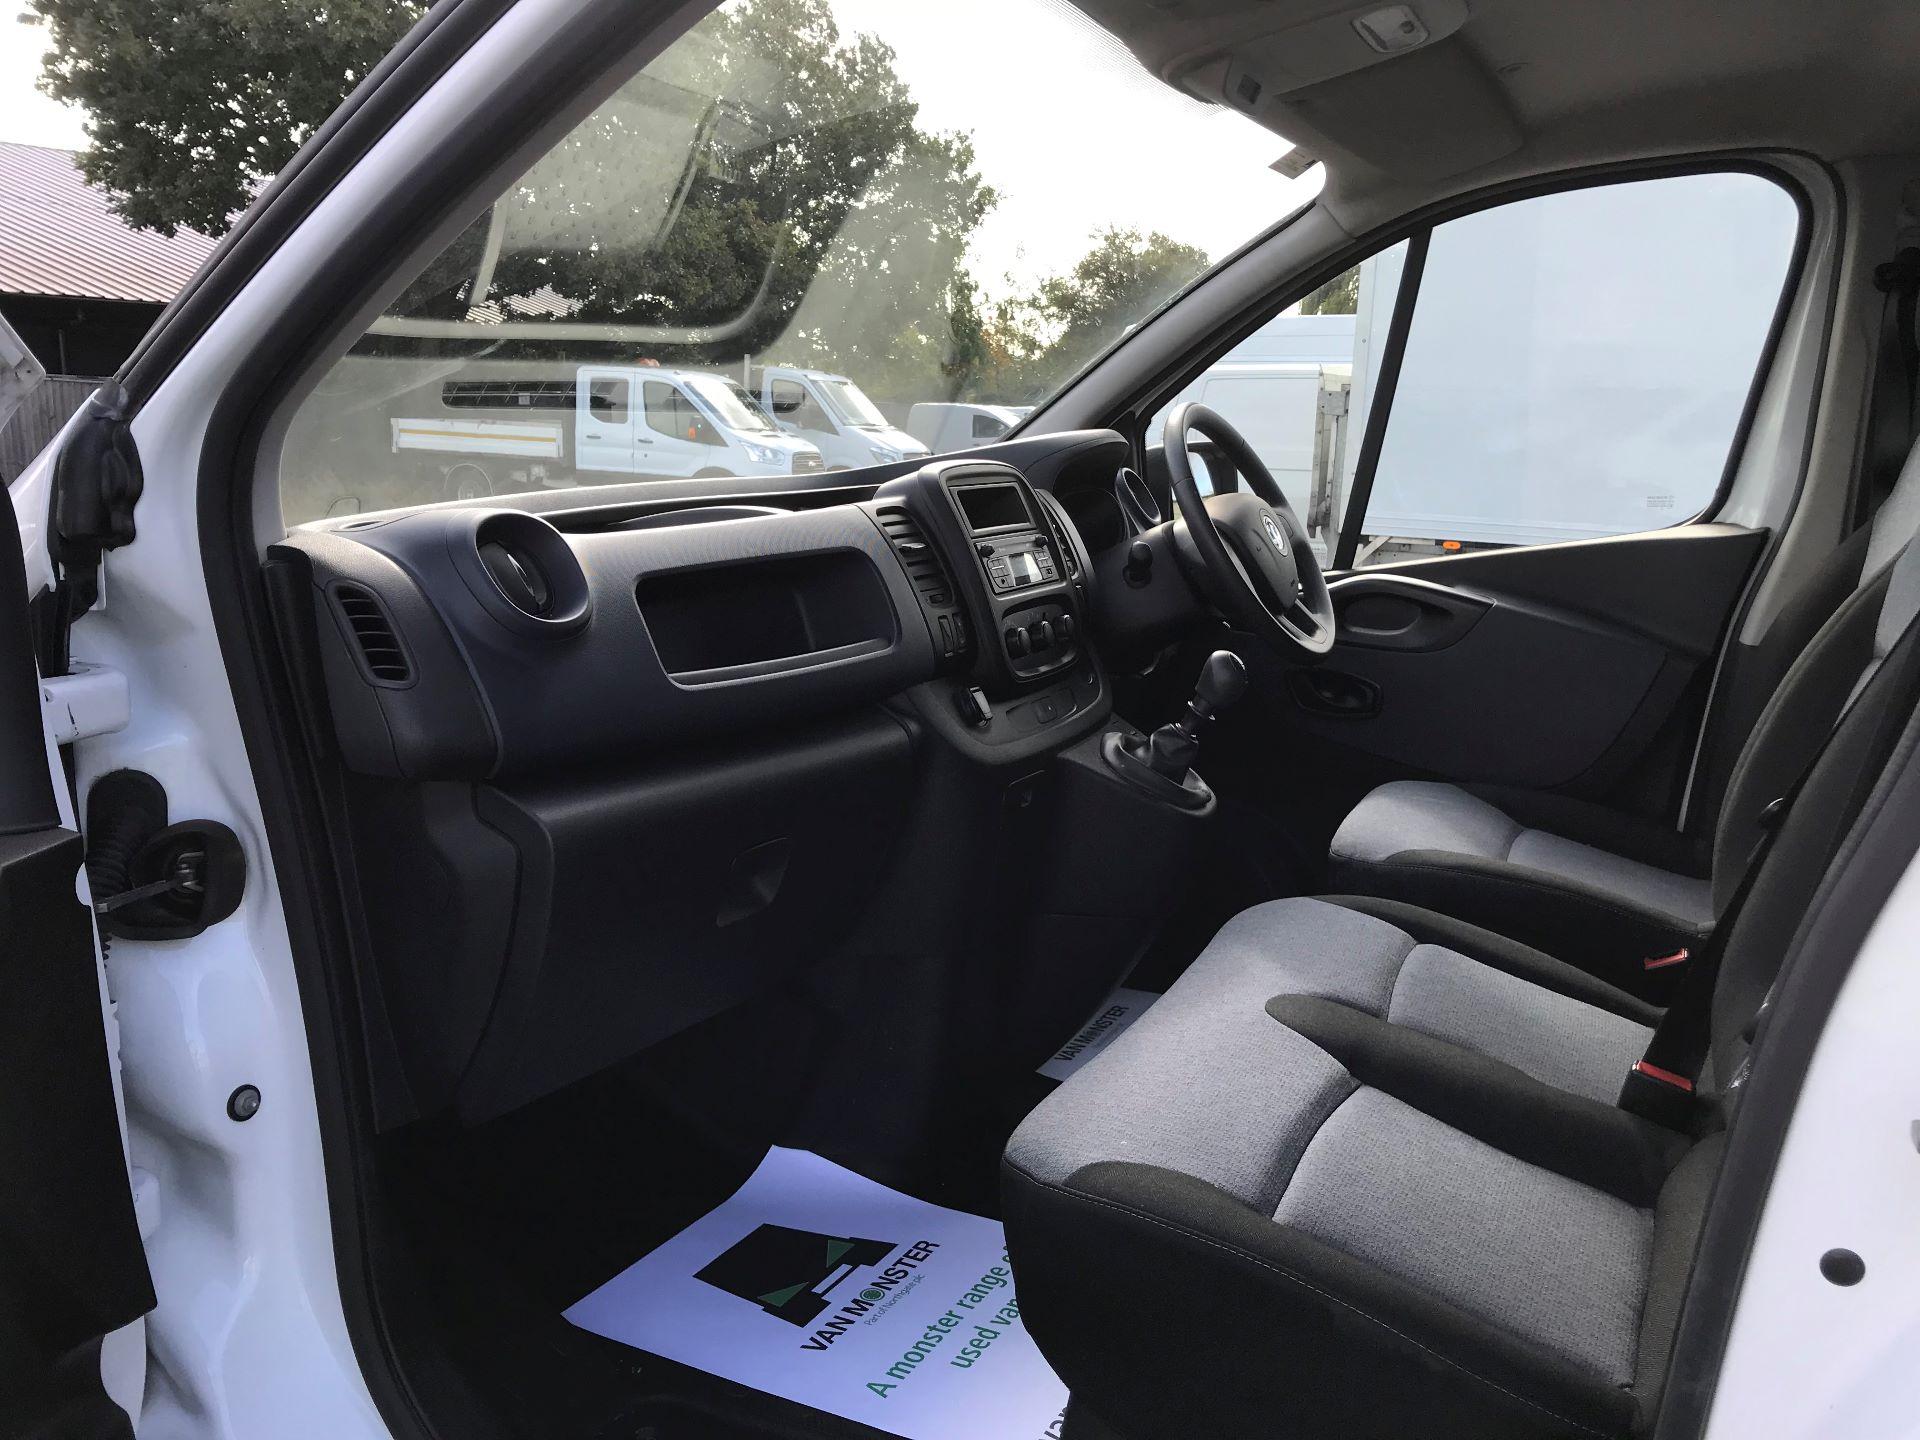 2017 Vauxhall Vivaro L2 H1 2900 1.6CDTI 120PS EURO 6 (DV67LXX) Image 13